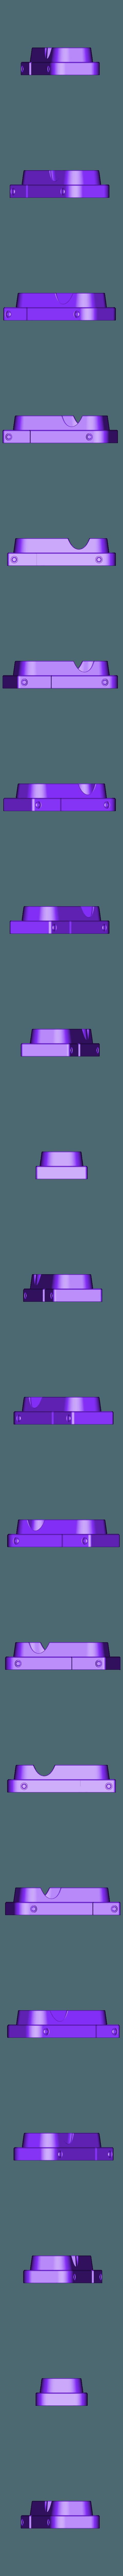 receiver_front.stl Télécharger fichier STL gratuit POIGNÉE Warhammer 40K • Modèle pour imprimante 3D, TheTNR